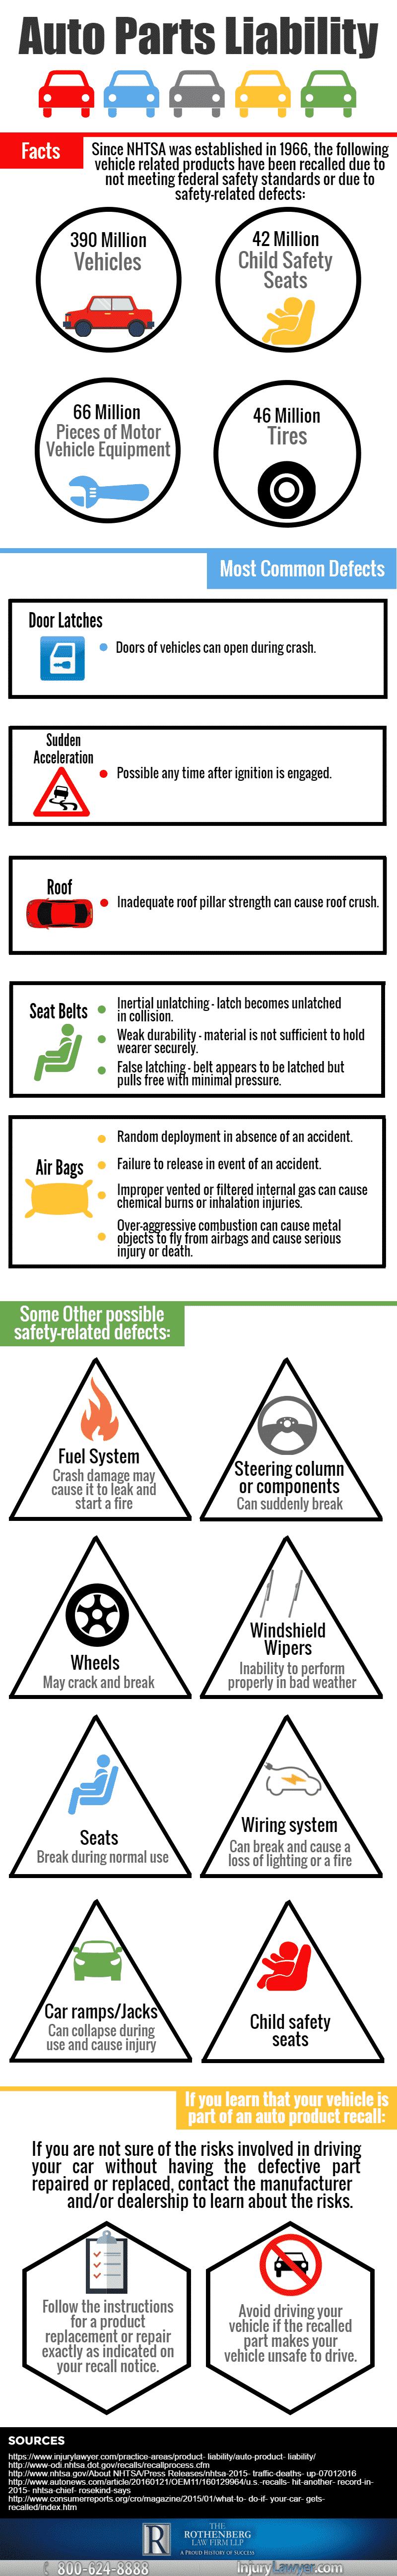 Auto Parts Recall Infographic